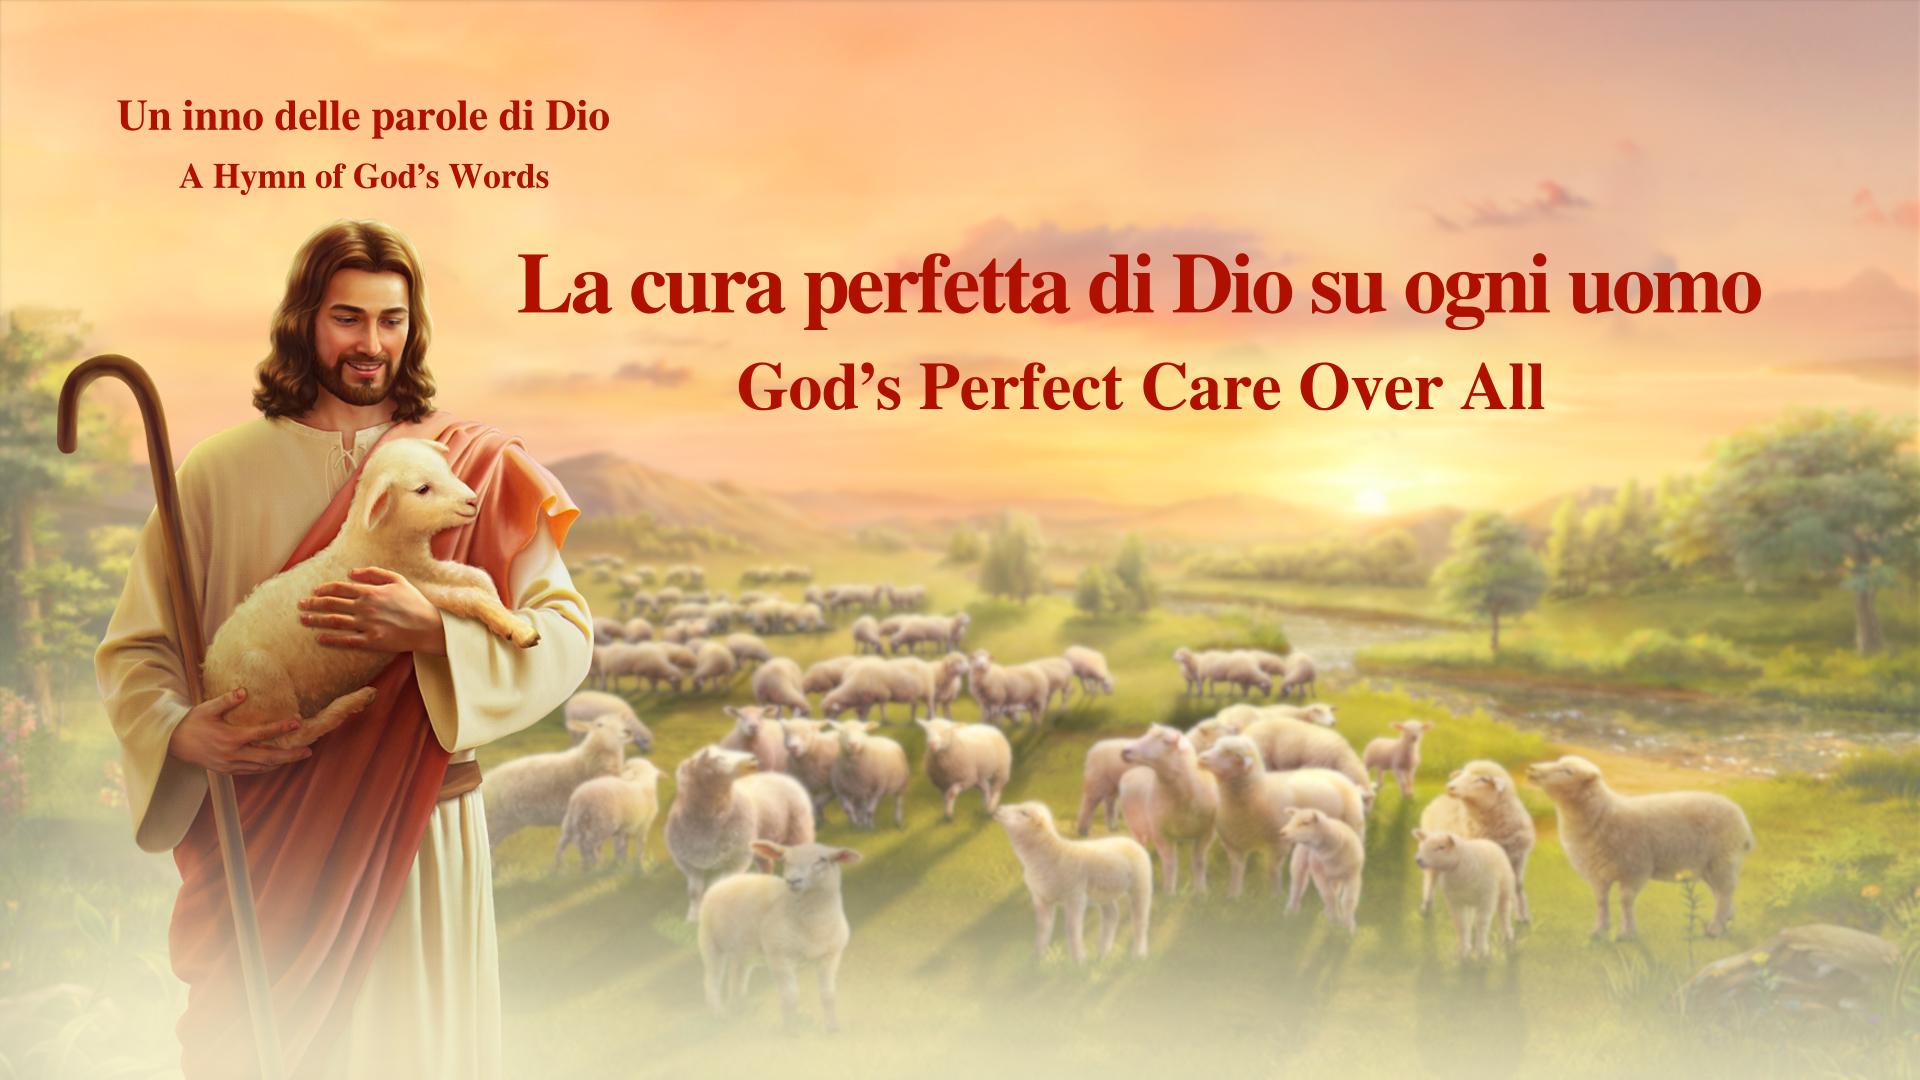 La cura perfetta di Dio su ogni uomo